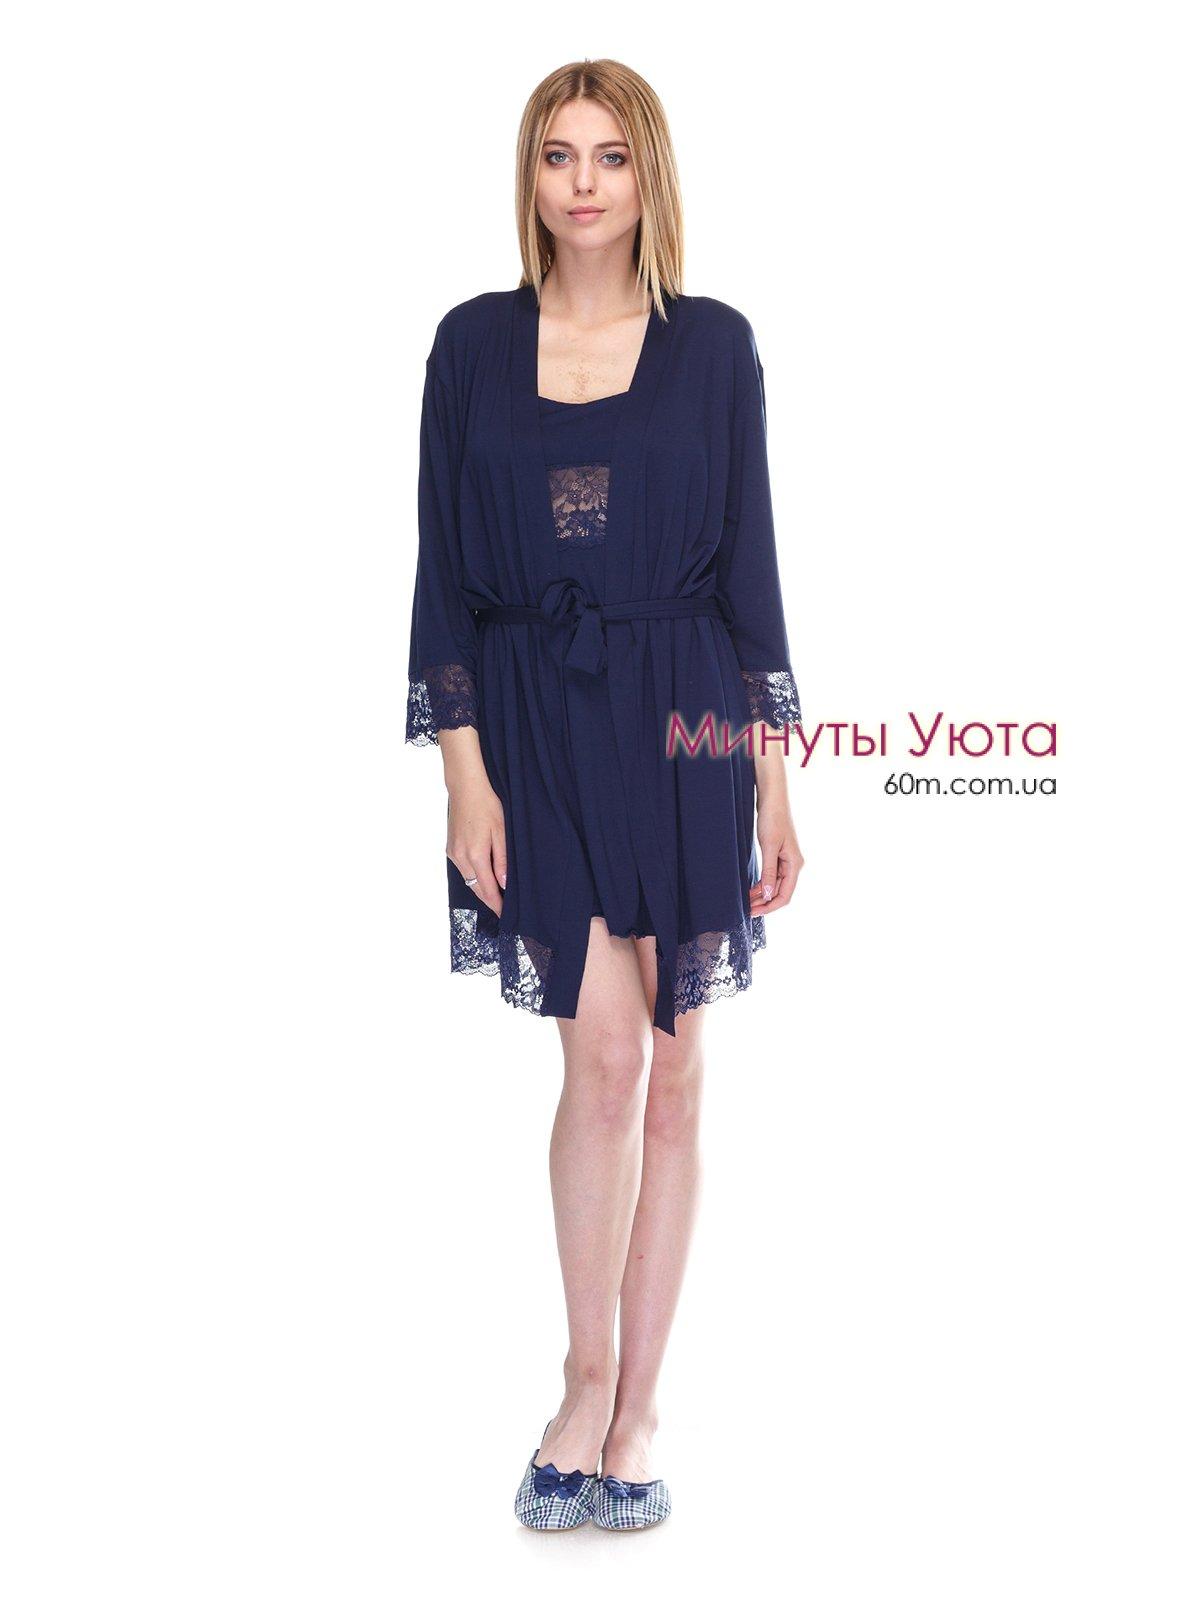 Синій комплект трикотажний жіночий купити в Києві (Serenade 580e81231ed50